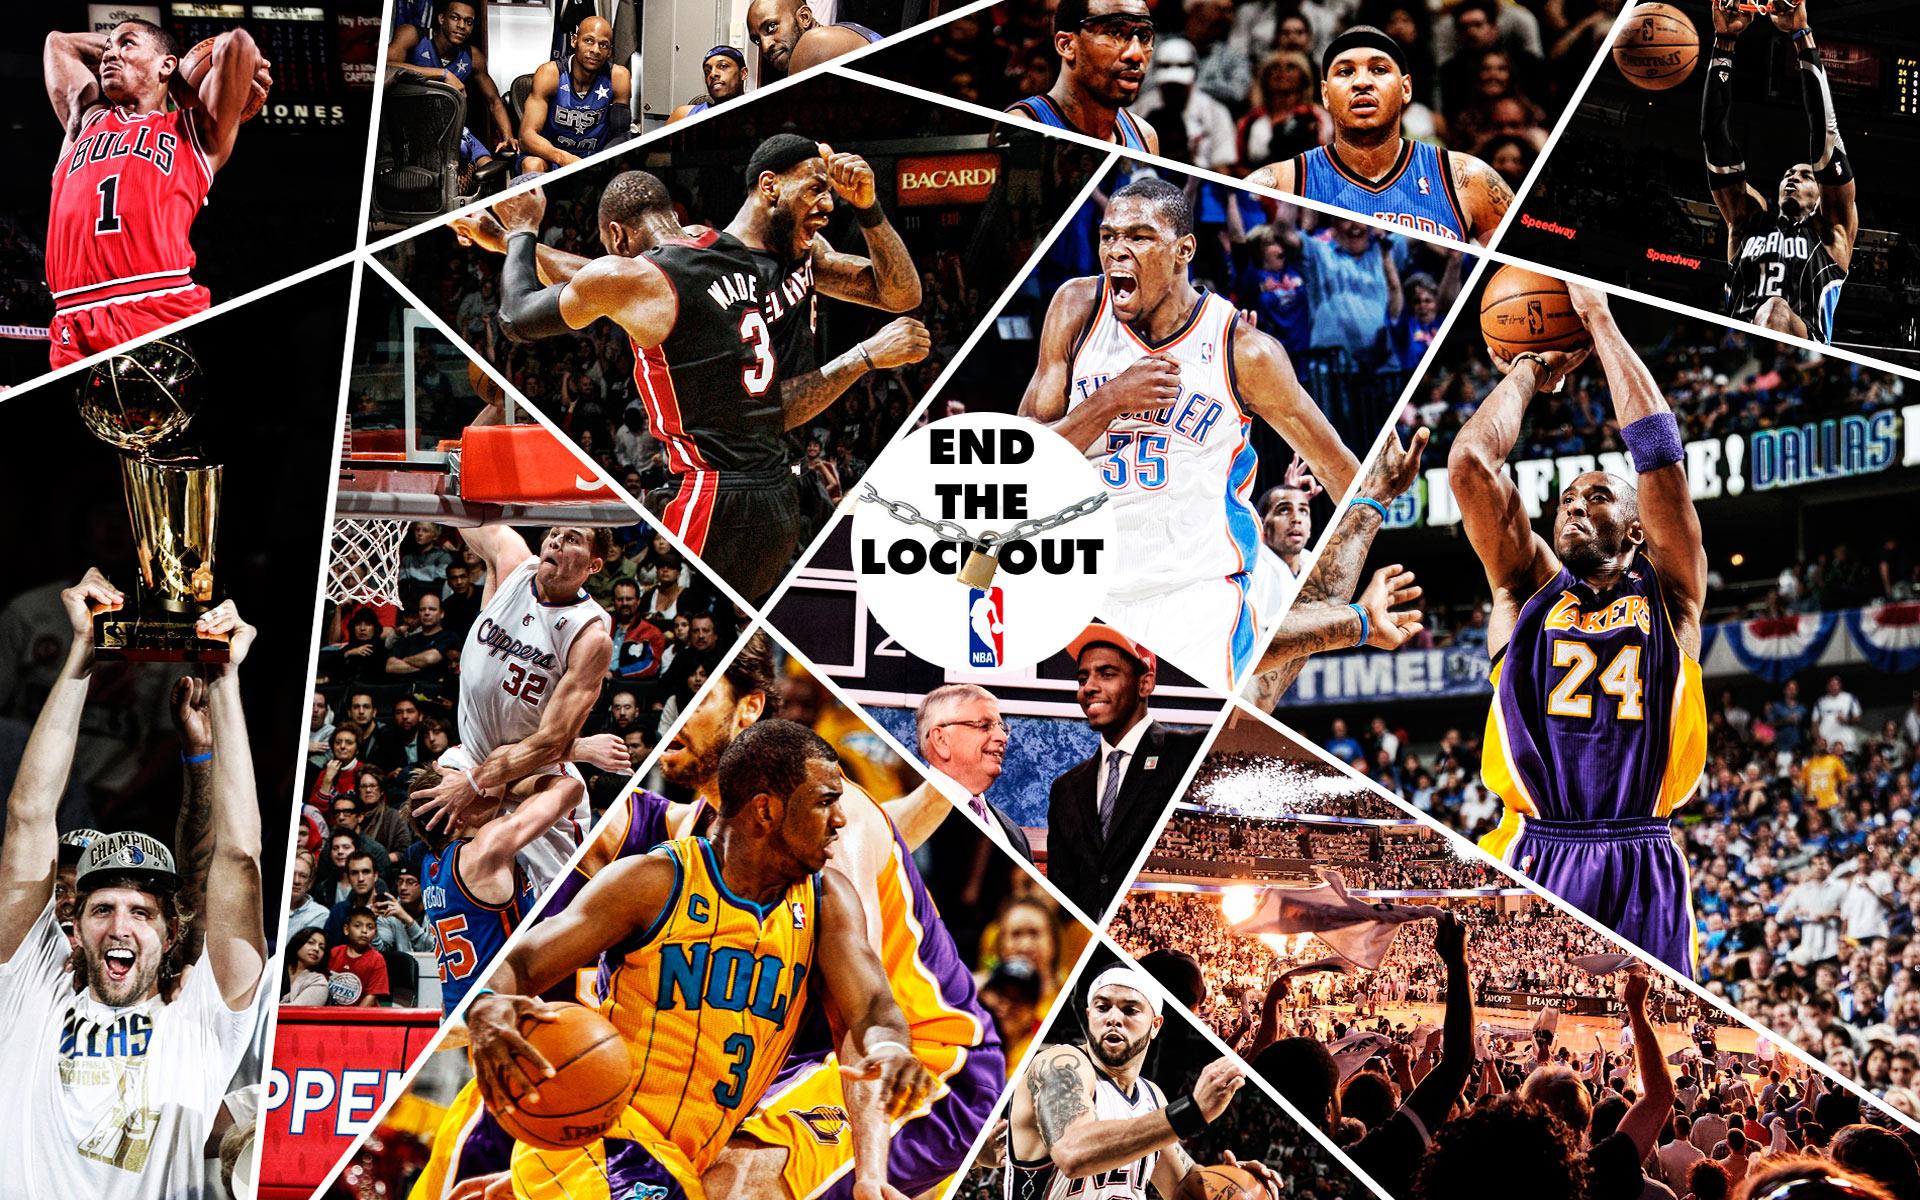 Nba Best Players Background 1920x1200 Download Hd Wallpaper Wallpapertip